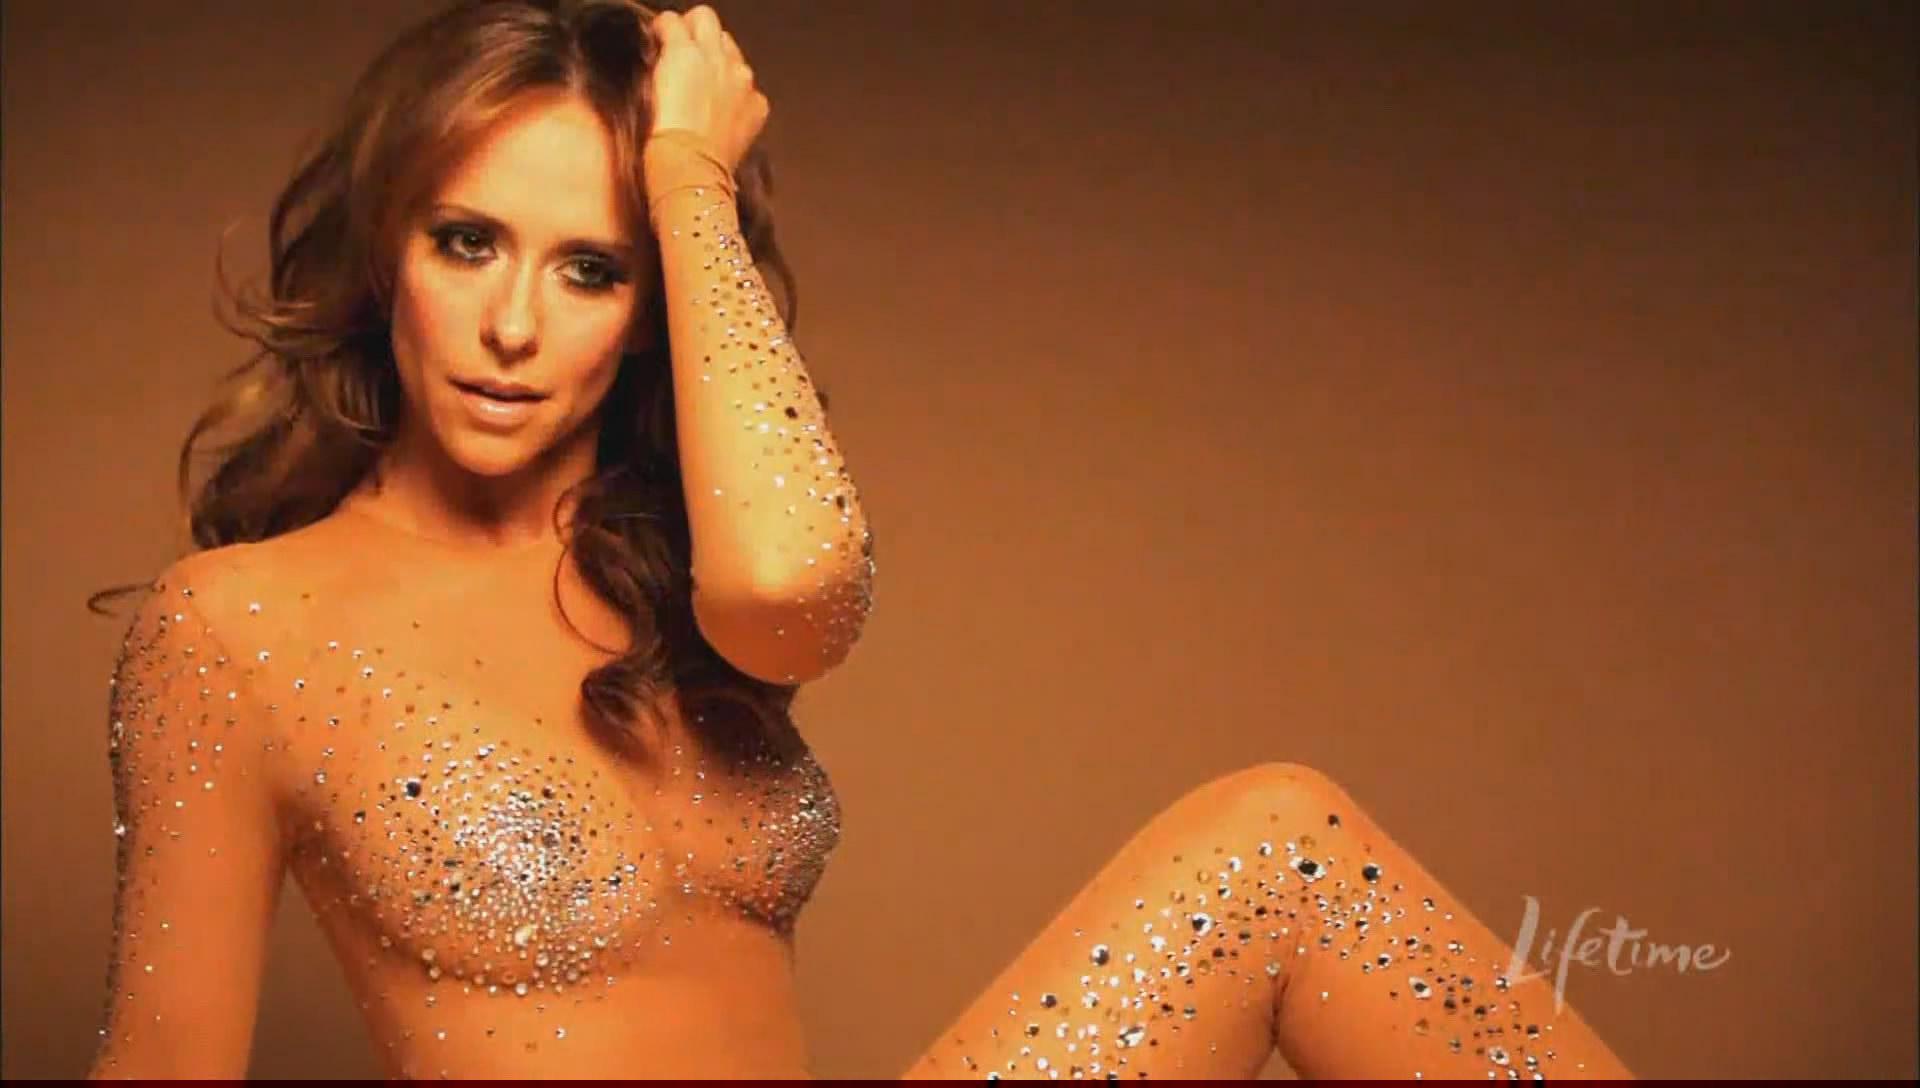 Jennifer Love Hewitt Client List Hot